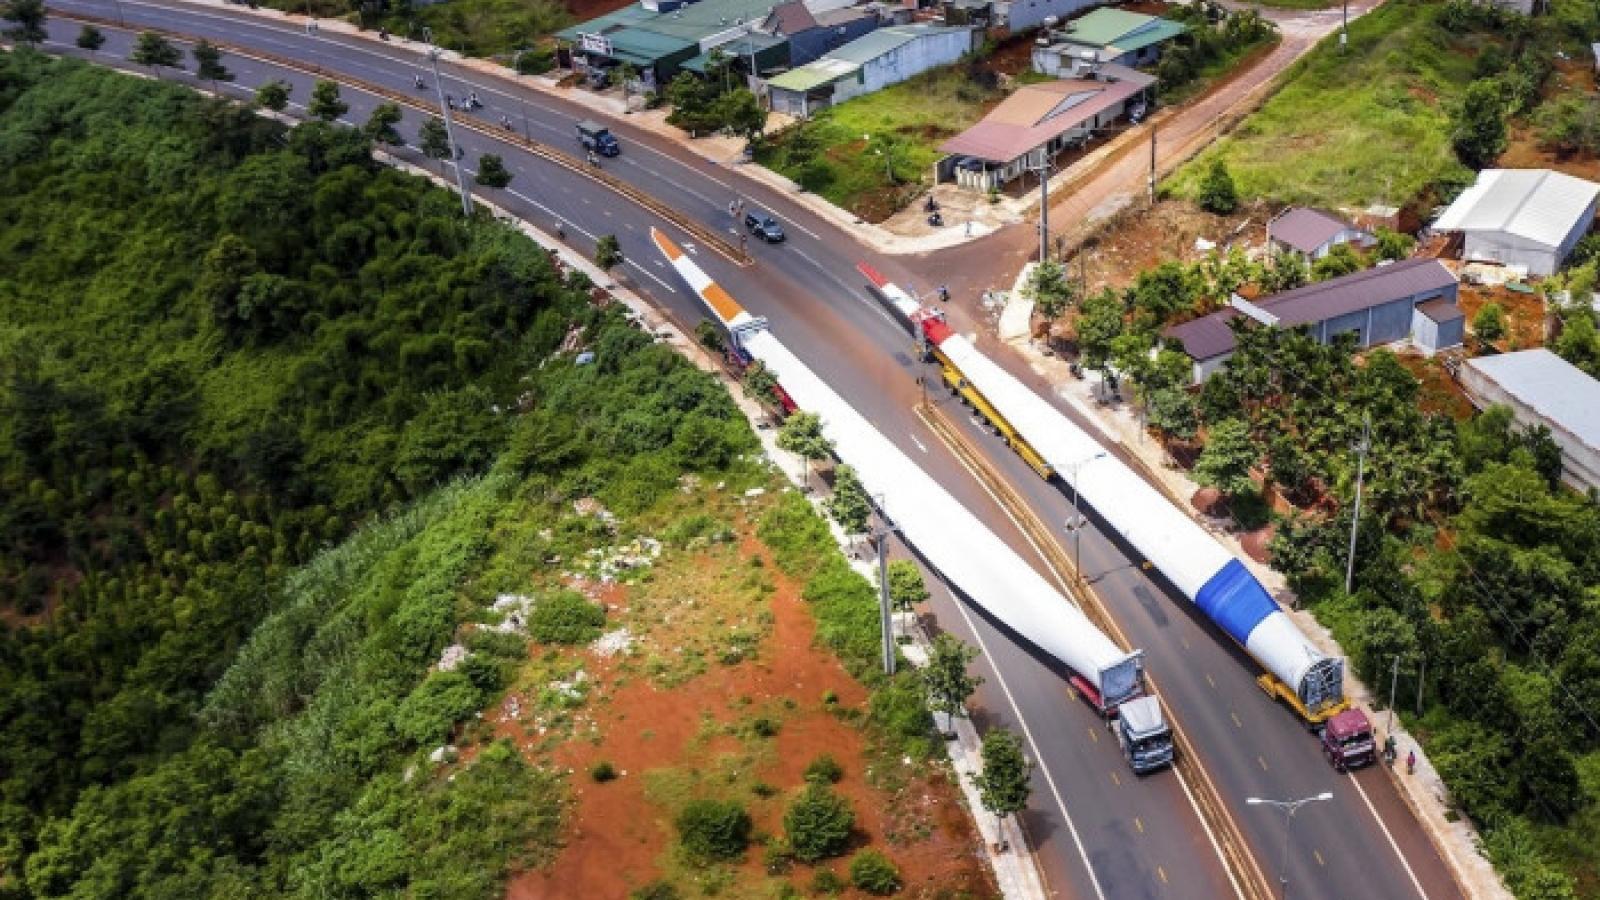 Thu hồi giấy phép xe chở thiết bị điện gió Công ty Trung Nam do vi phạm phòng dịch